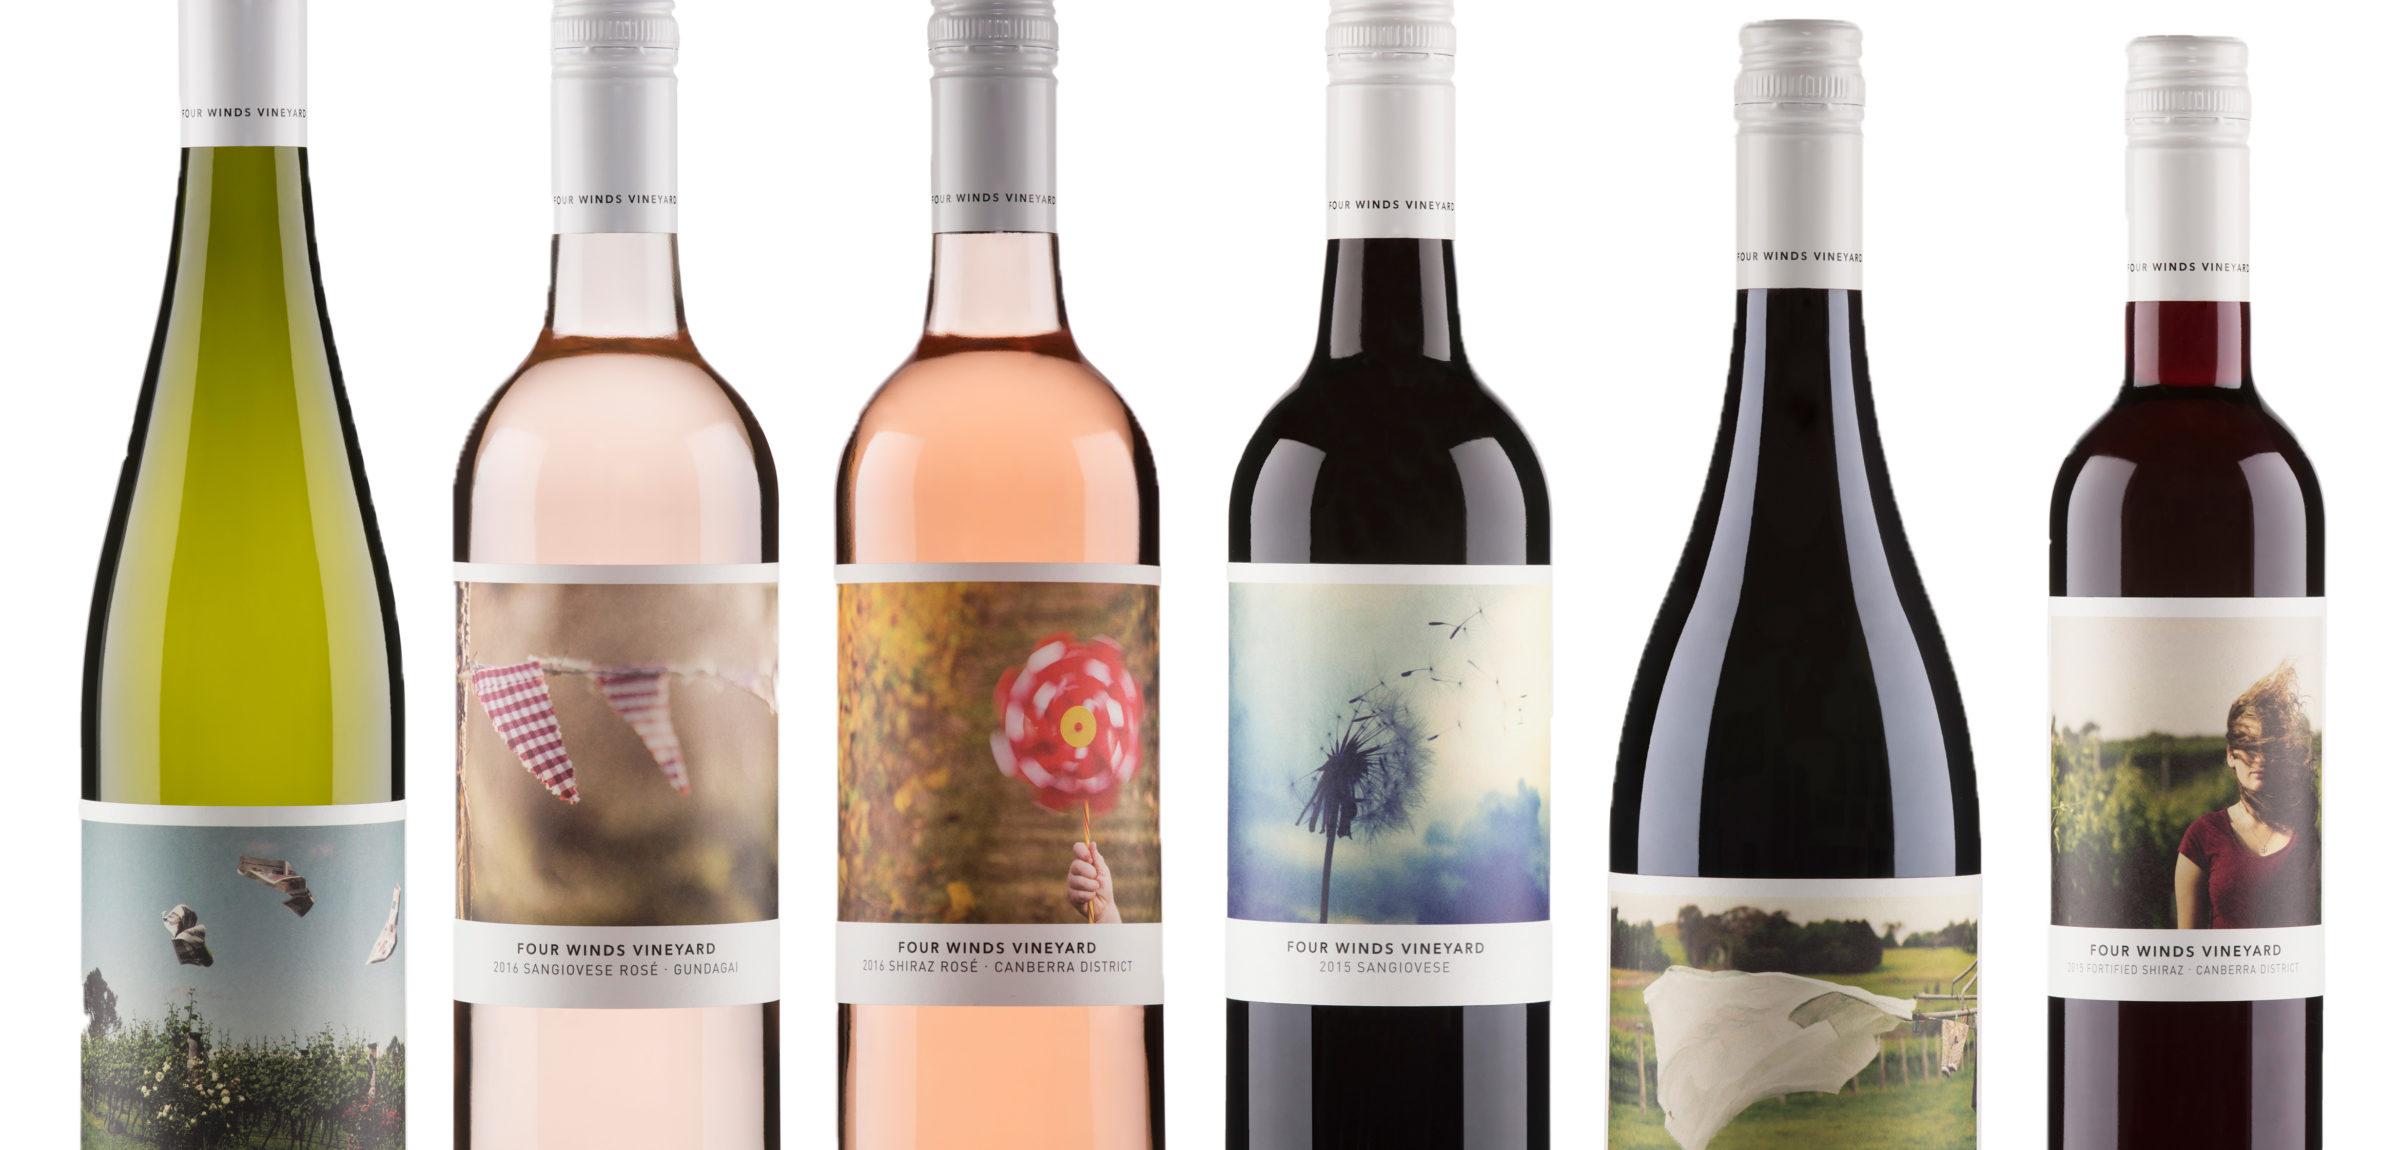 Four Winds Vineyard bottles Large (002)